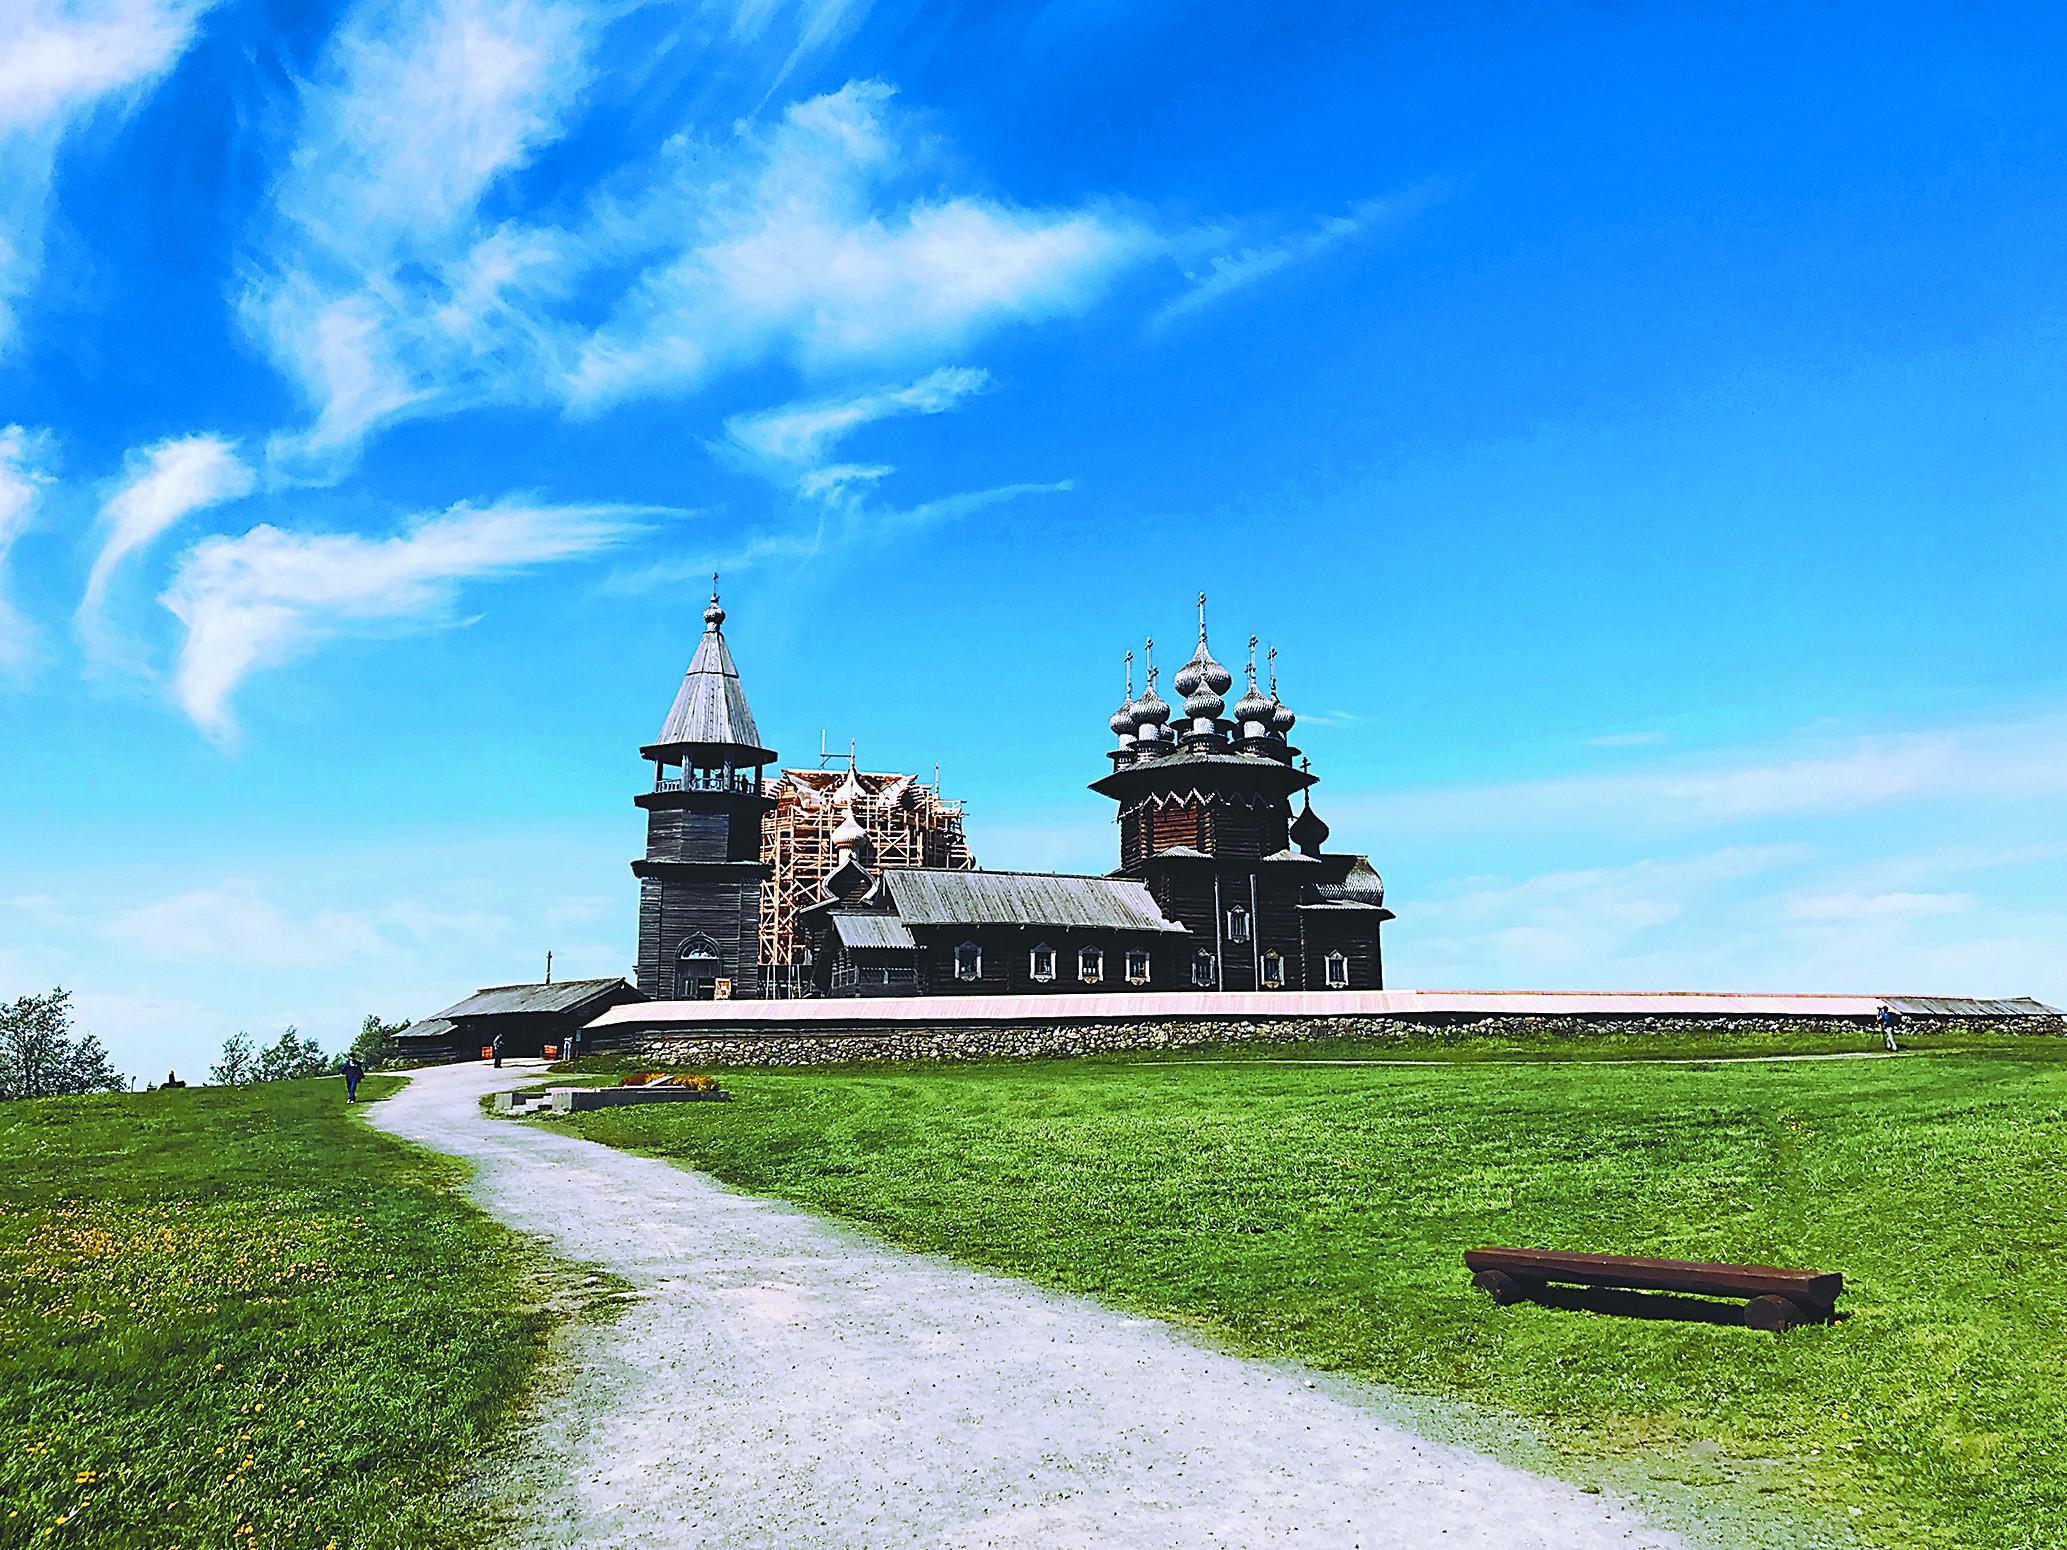 俄罗斯基日岛,木艺的天堂